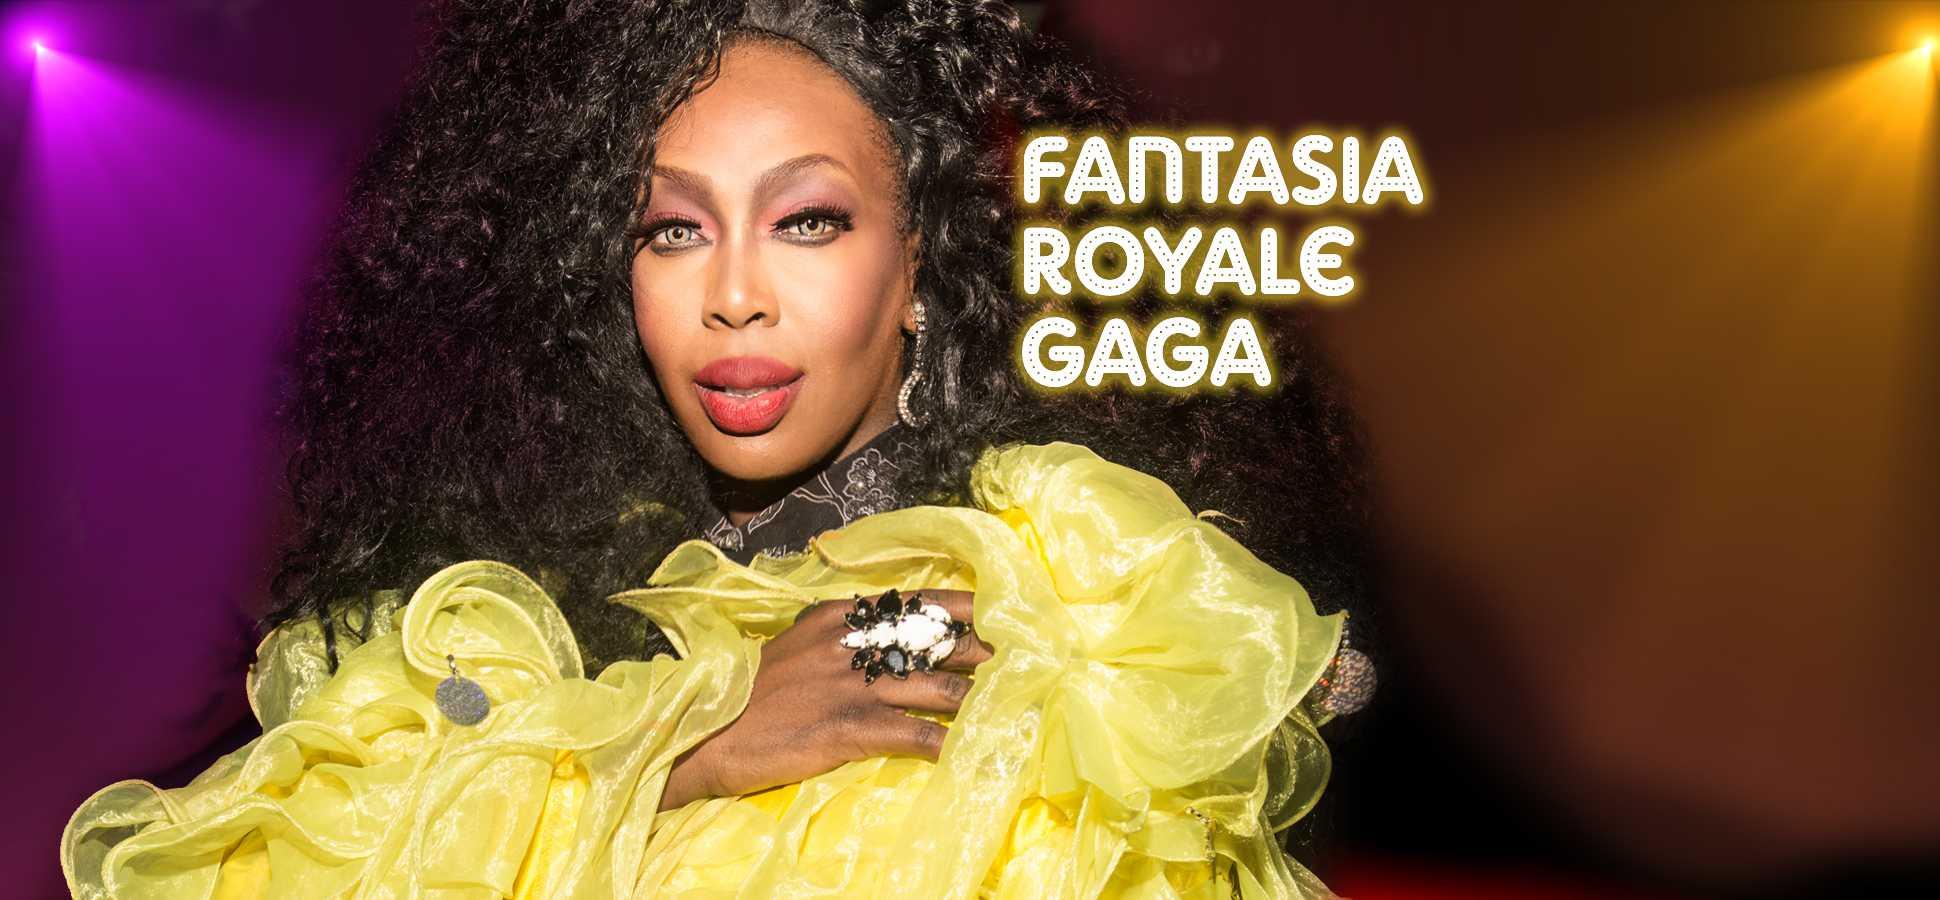 Fantasia Royale Gaga